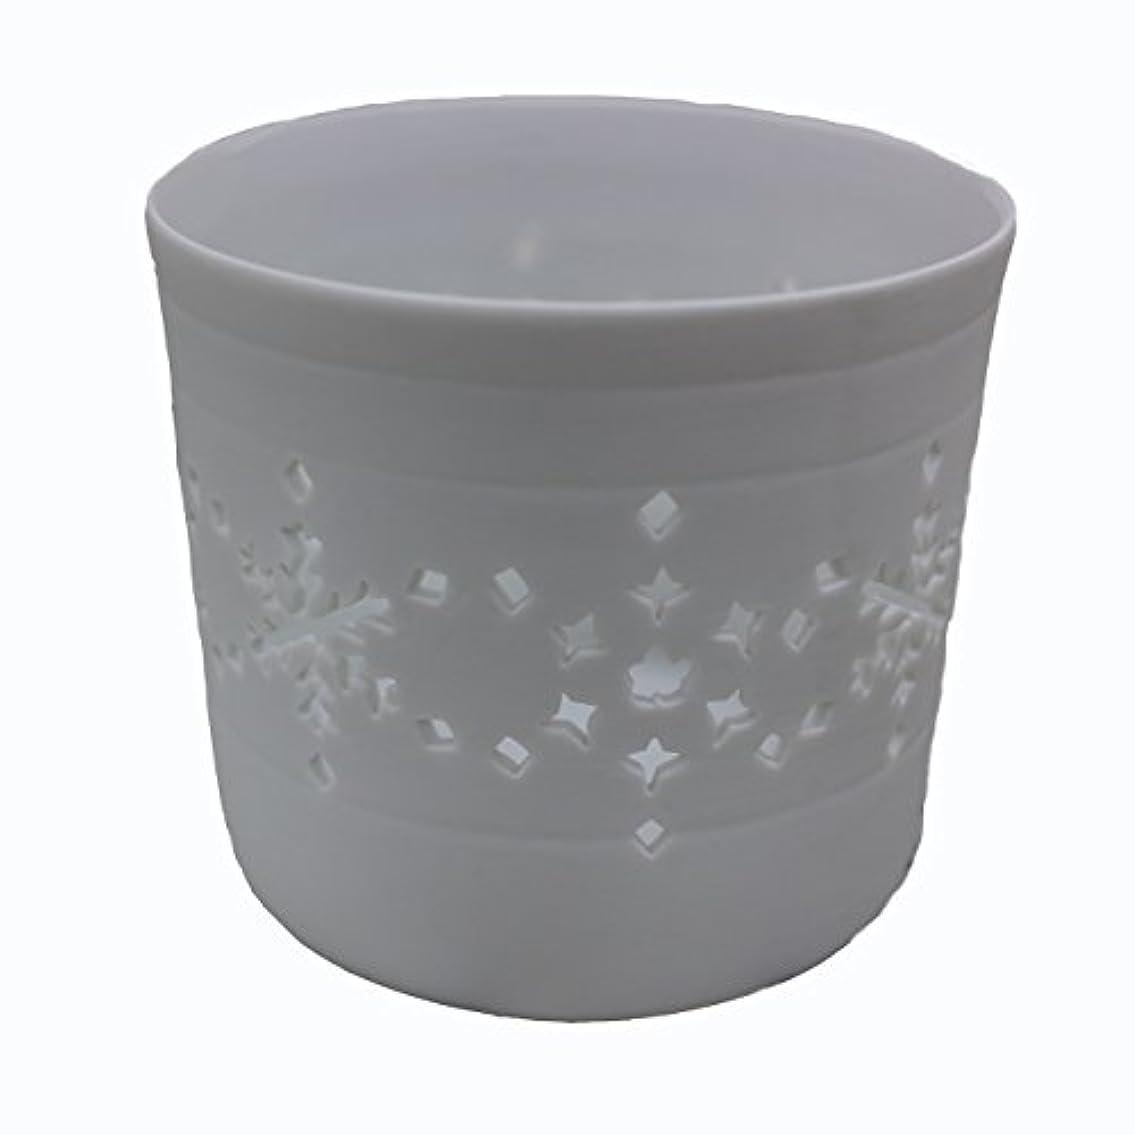 疲れた周囲歯痛キャンドルカップ(ティーライト付き) 結晶